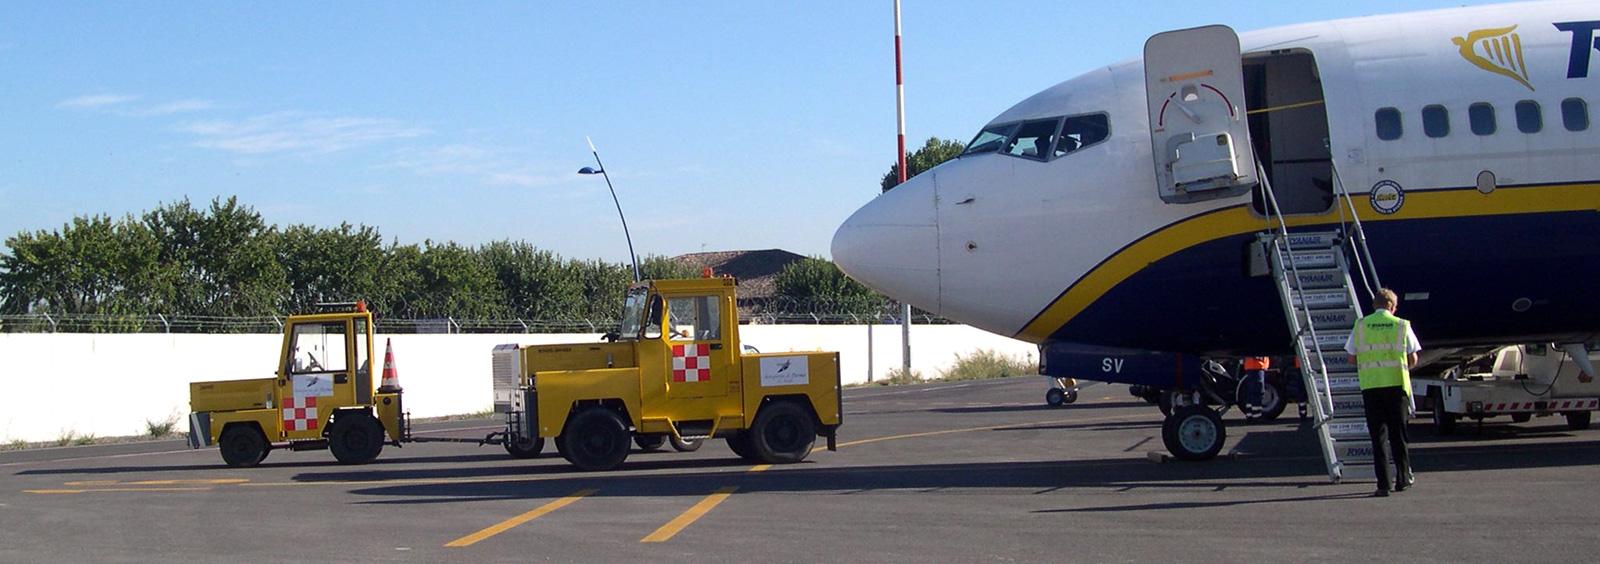 ata-tow-tractors-modena-trattori-aeroportuali1